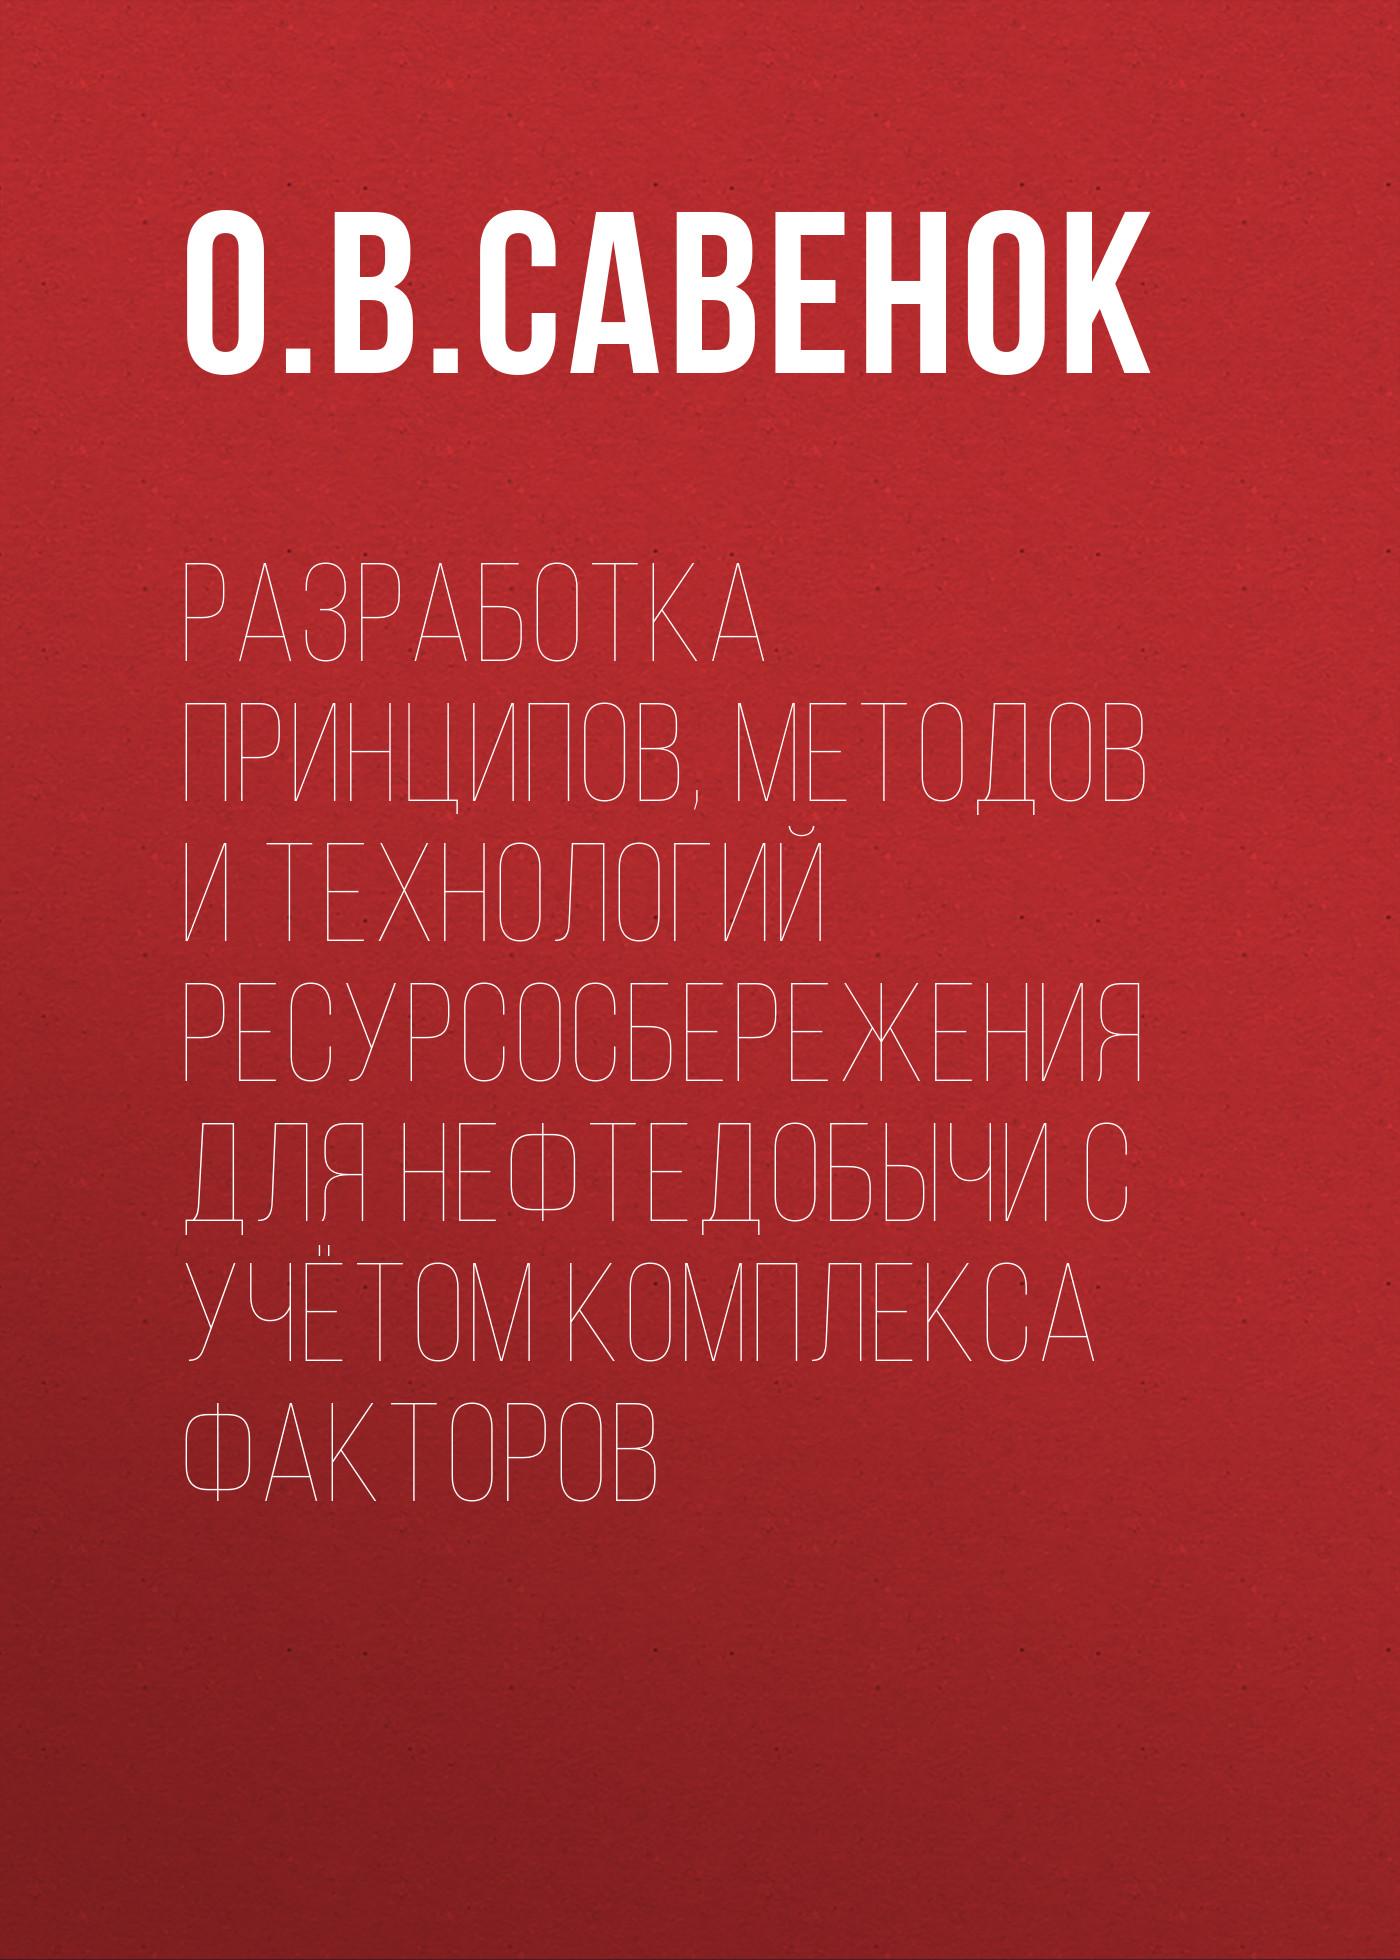 О. В. Савенок Разработка принципов, методов и технологий ресурсосбережения для нефтедобычи с учётом комплекса факторов футболка пнг